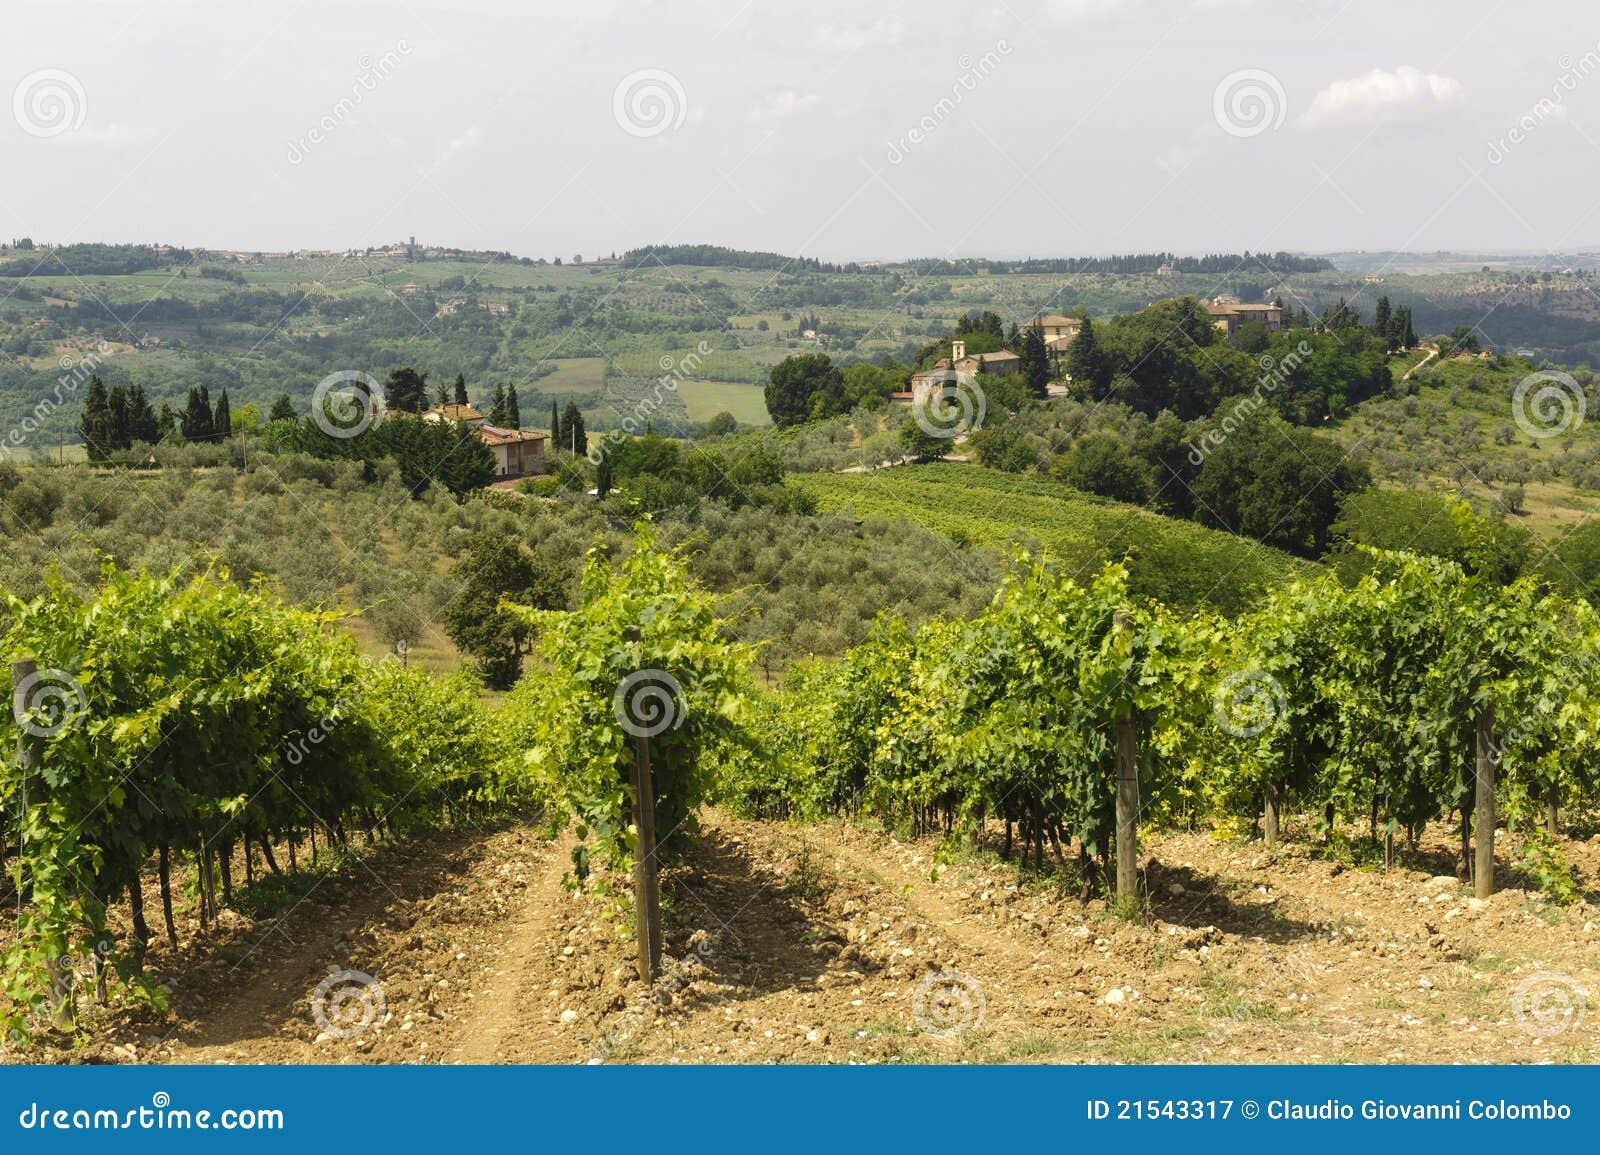 Vigne di Chianti (Toscana)